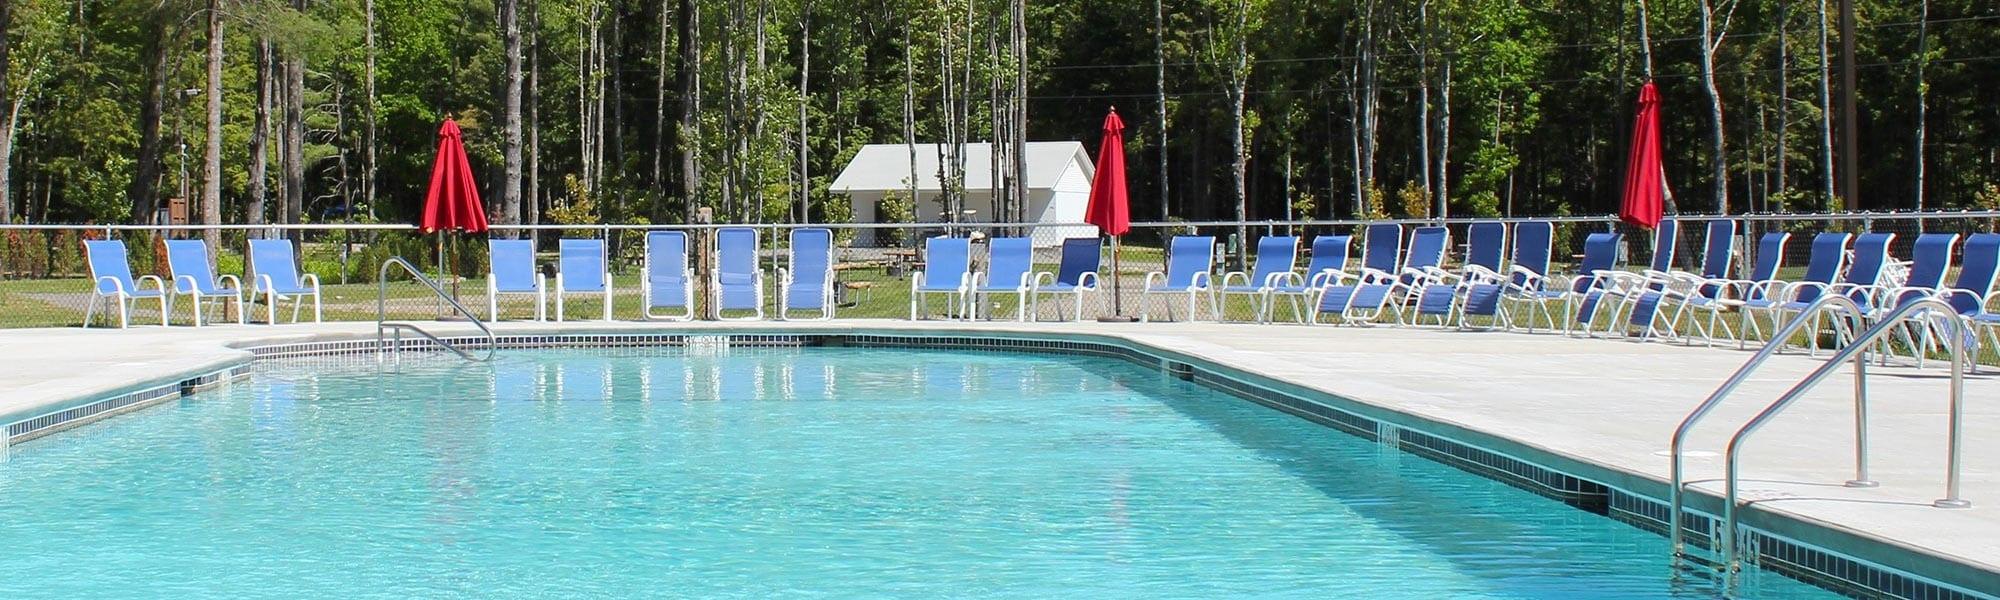 slider-pool